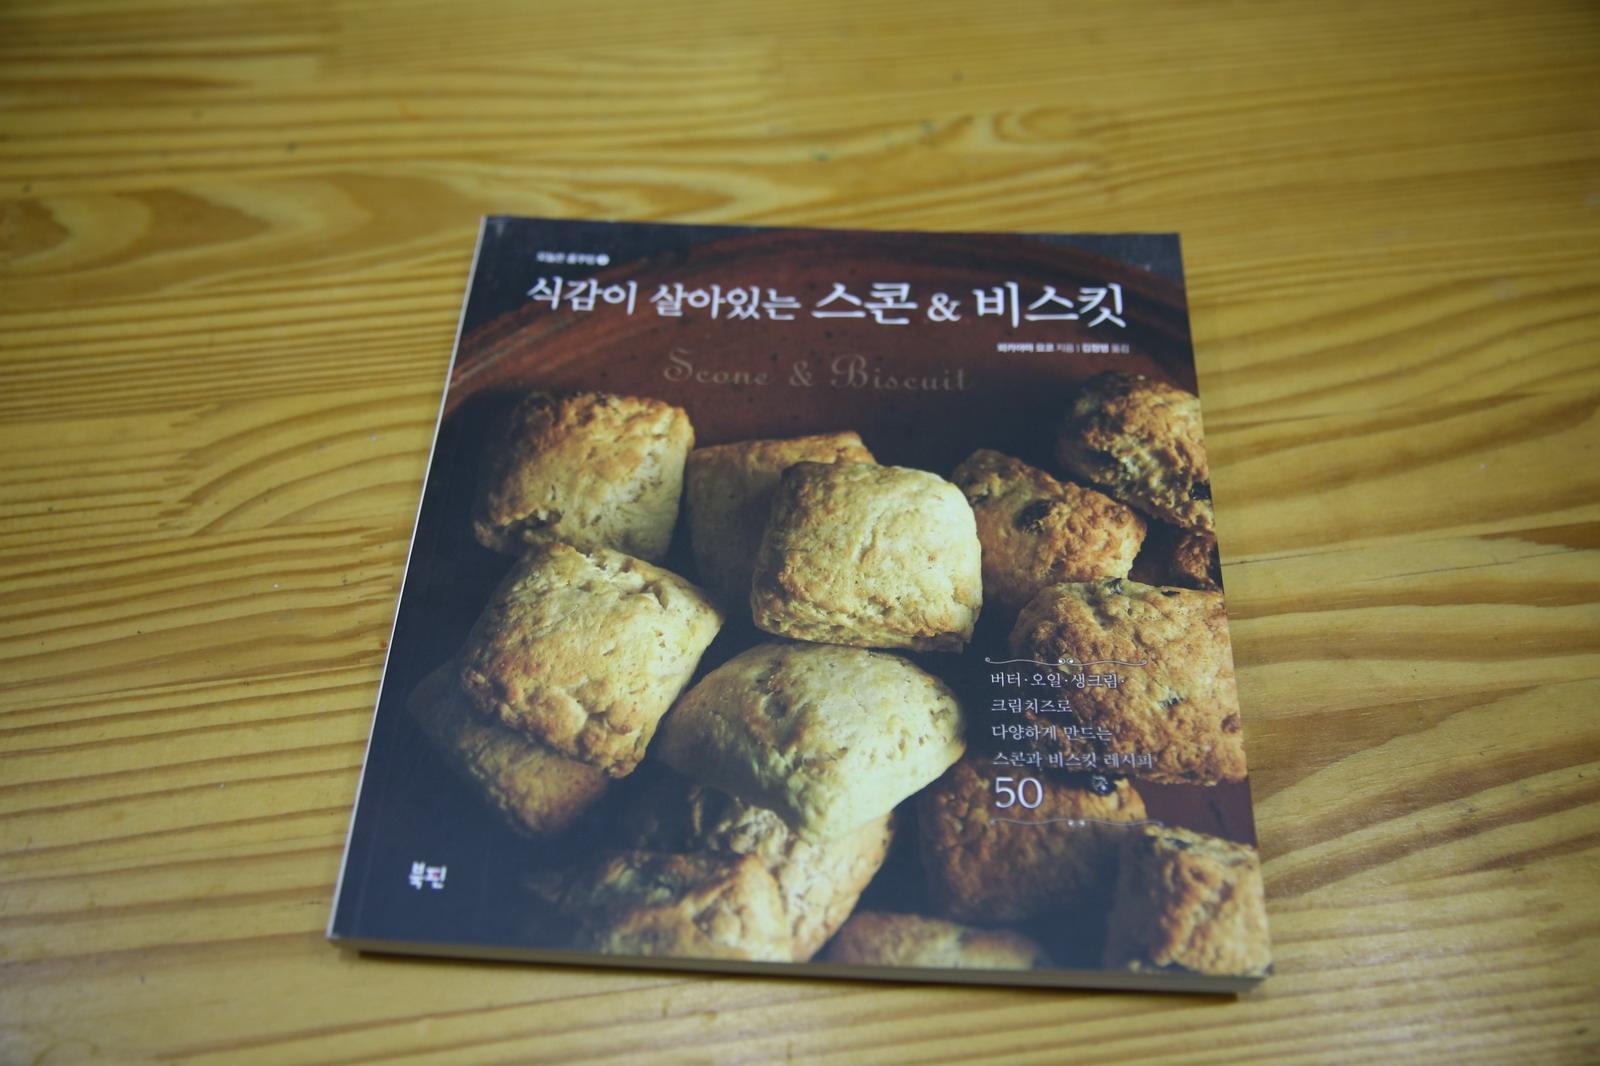 스콘 & 비스킷 - 식감이 살아 있는 홈쿠킹